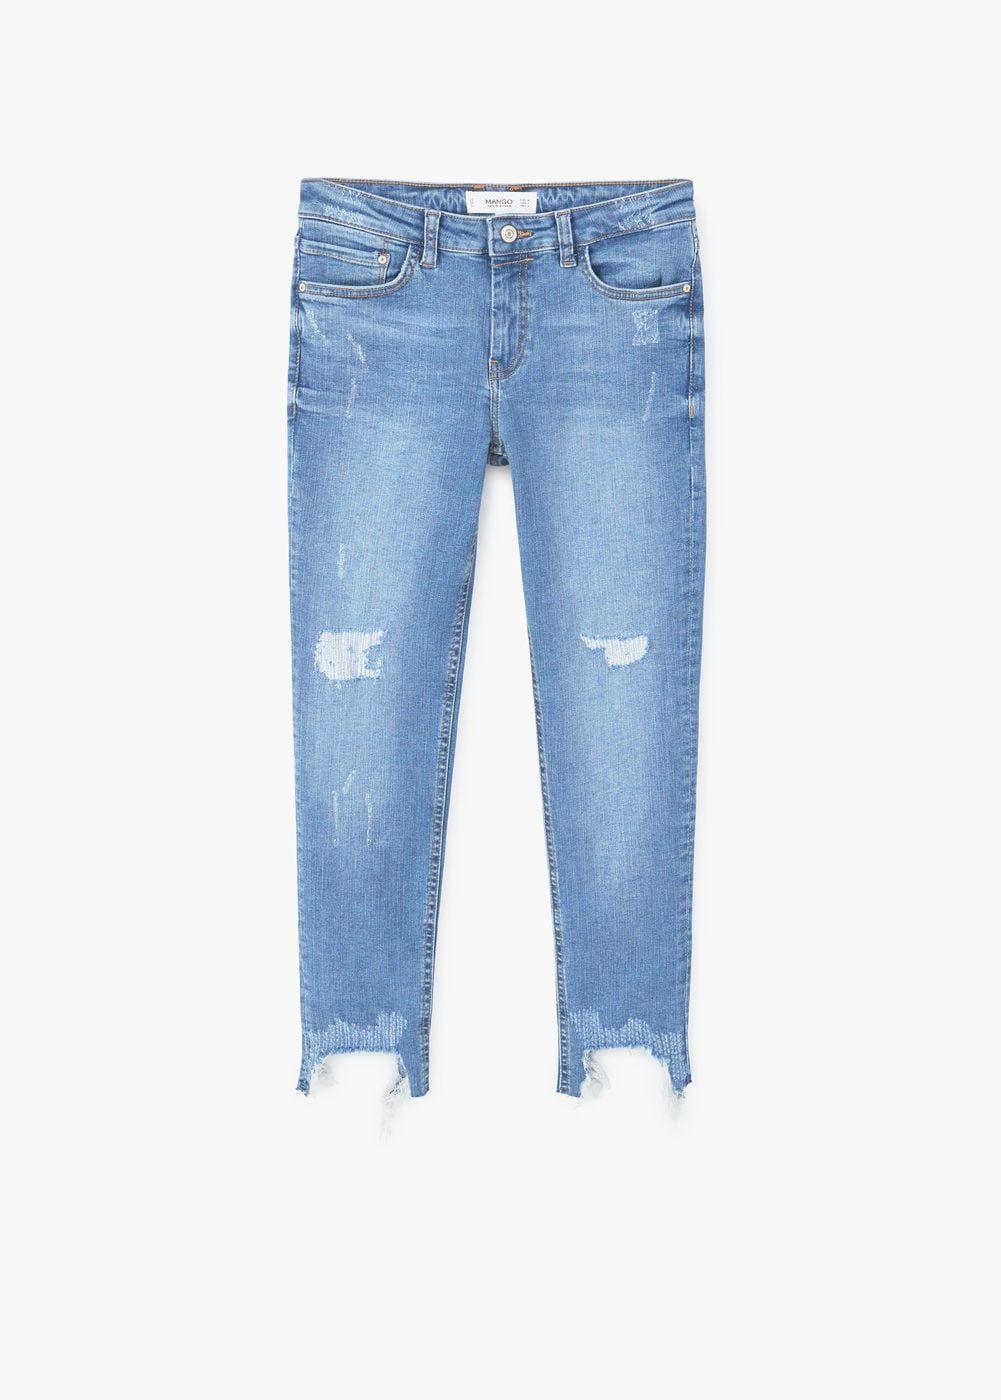 Jeans crop isa Vaqueros Juveniles Desgastados MANGO Bolsillos skinny Cremalleras Pantalones rrqAafwx5